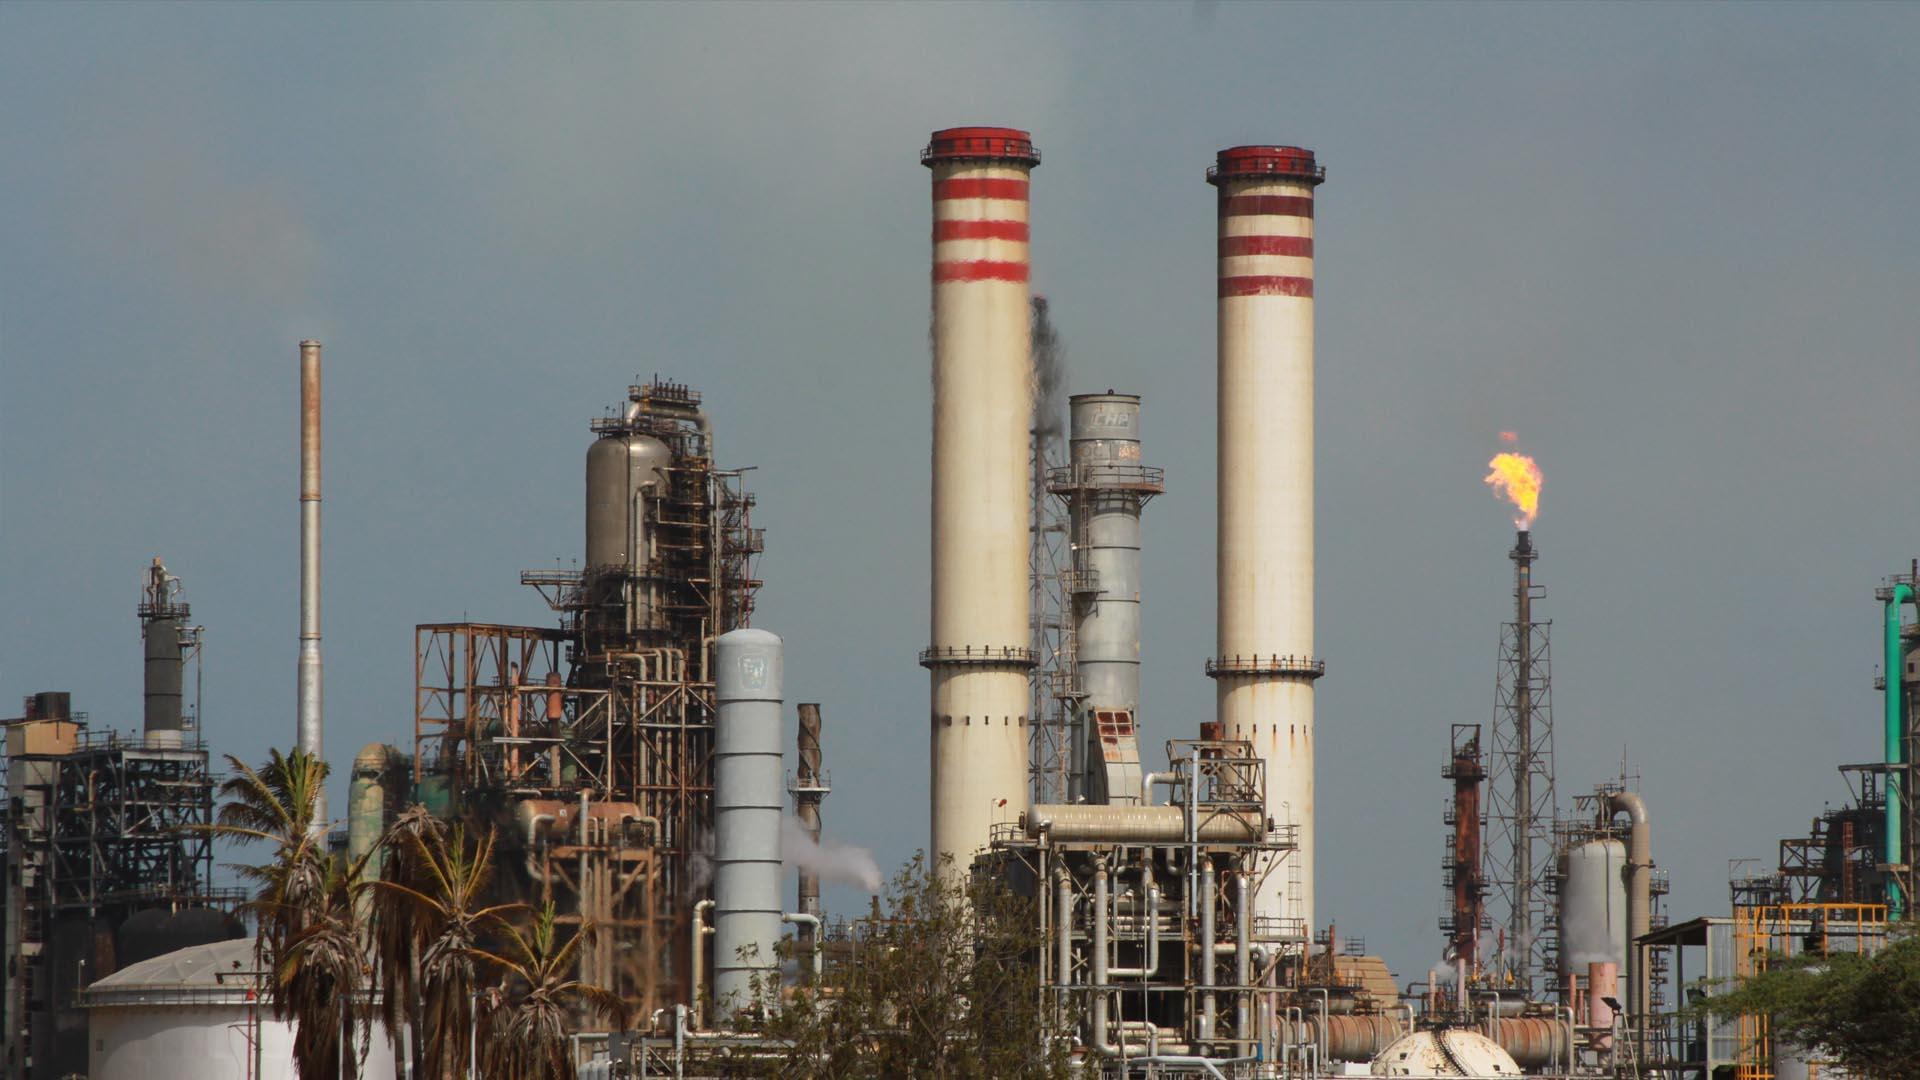 El ministro del Poder Popular de Petróleo, Eulogio del Pino, informó que en la madrugada ocurrió un ataque eléctrico en la planta